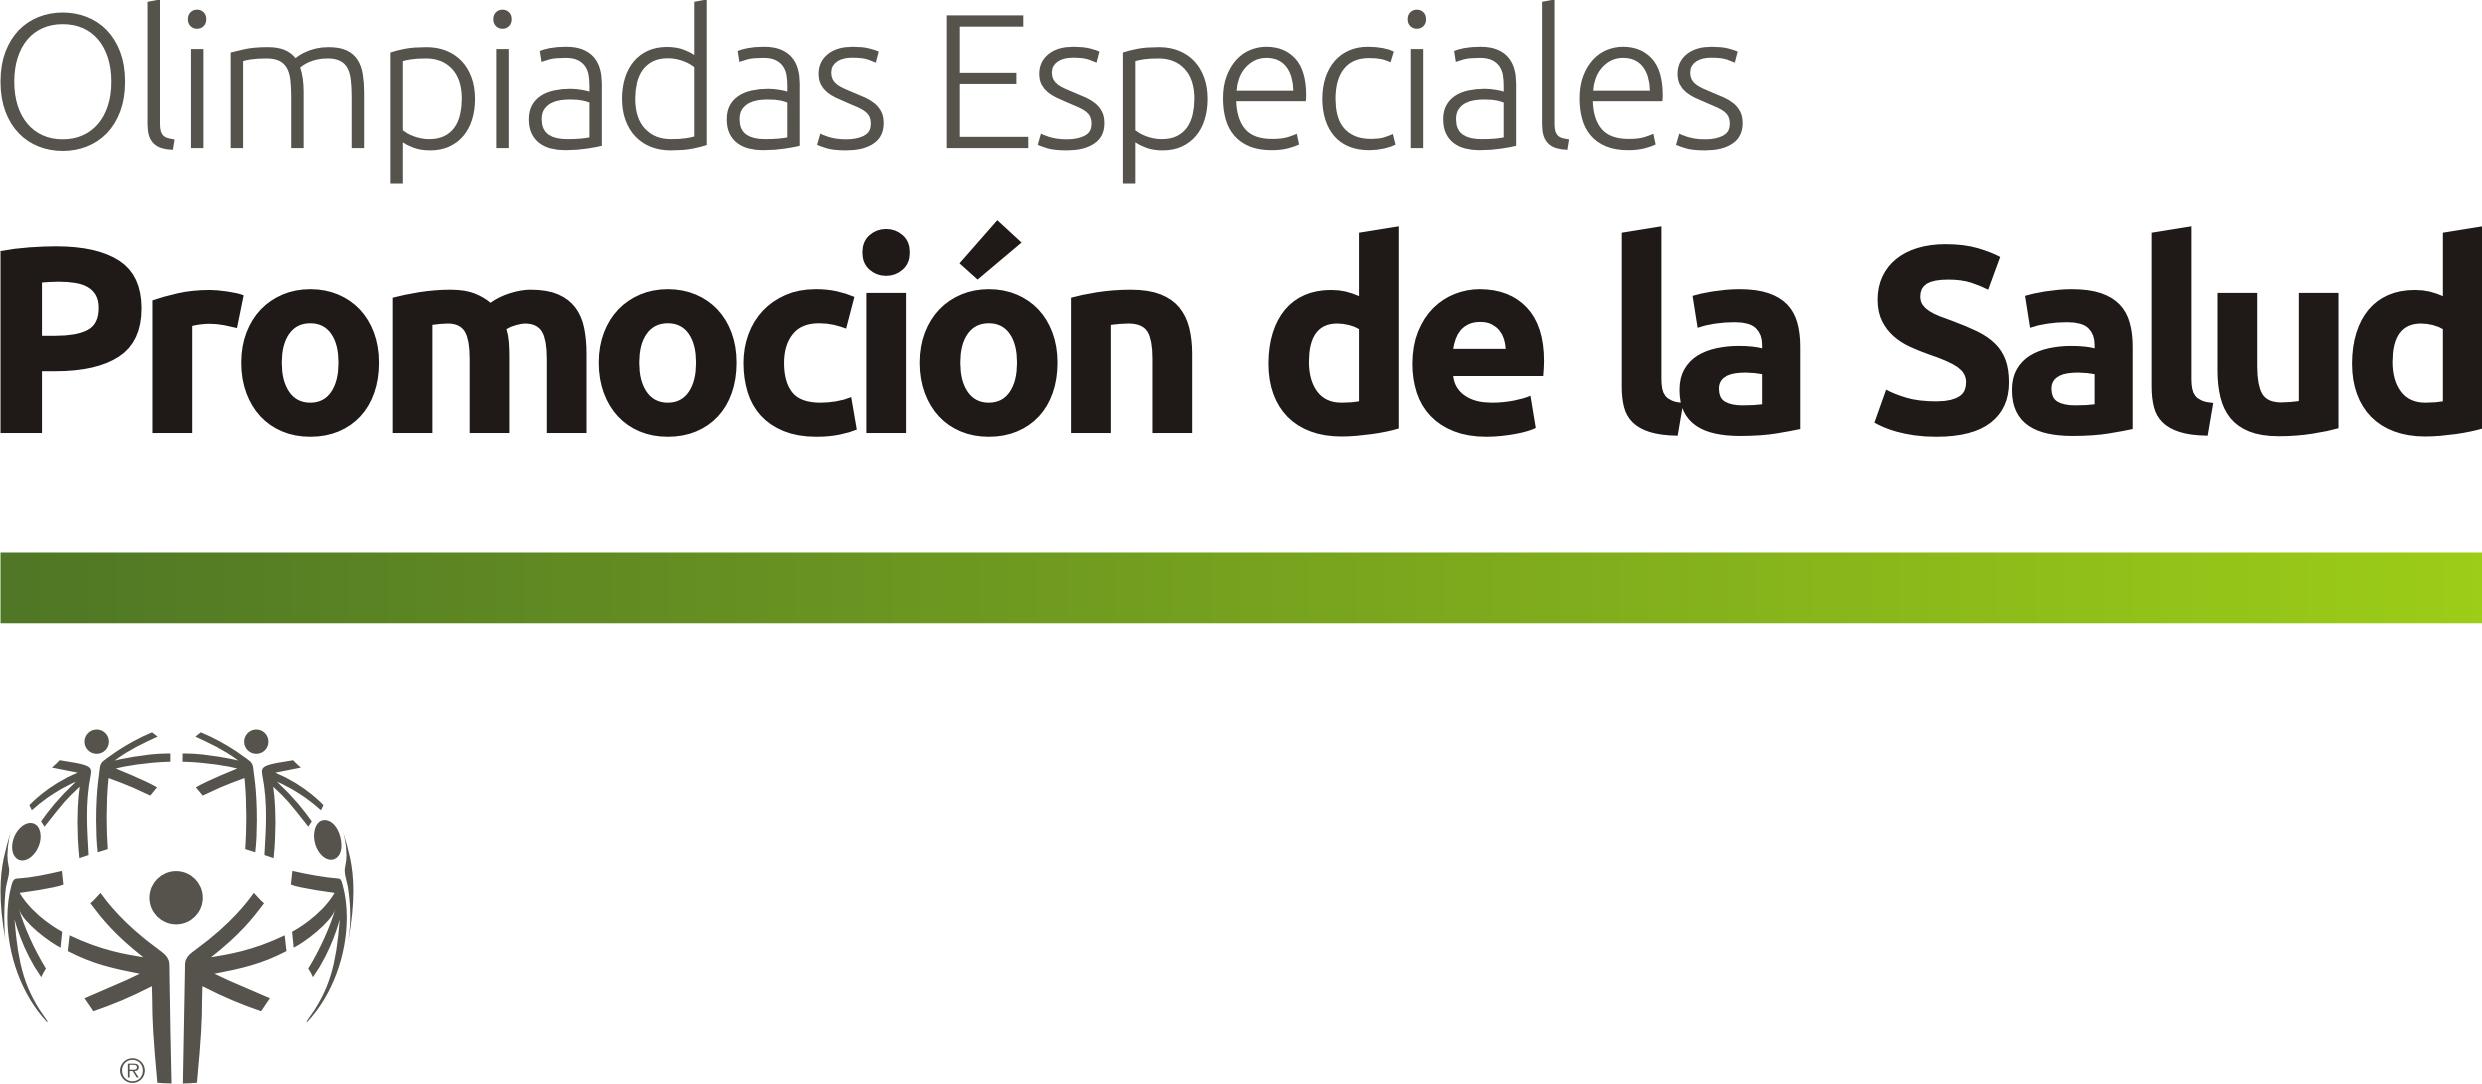 Promocion de la Salud - CMYK.png